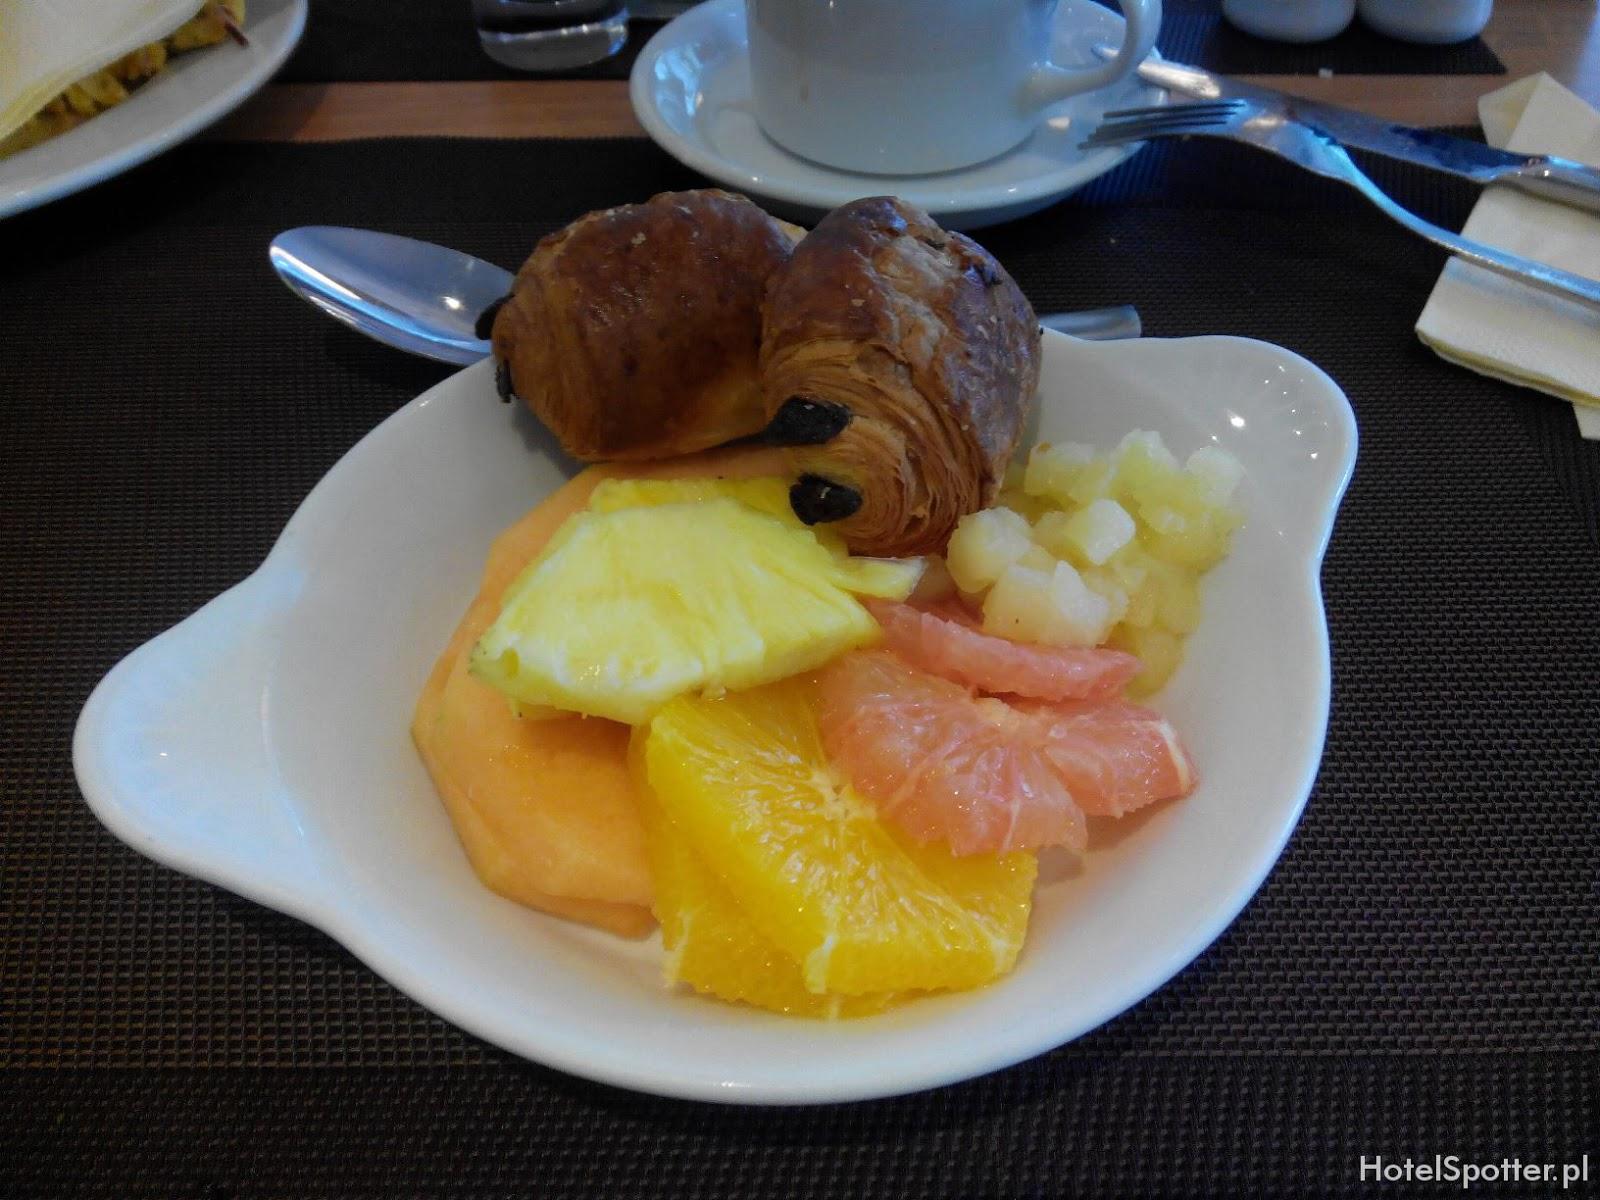 Novotel Krakow Centrum - owoce na sniadanie